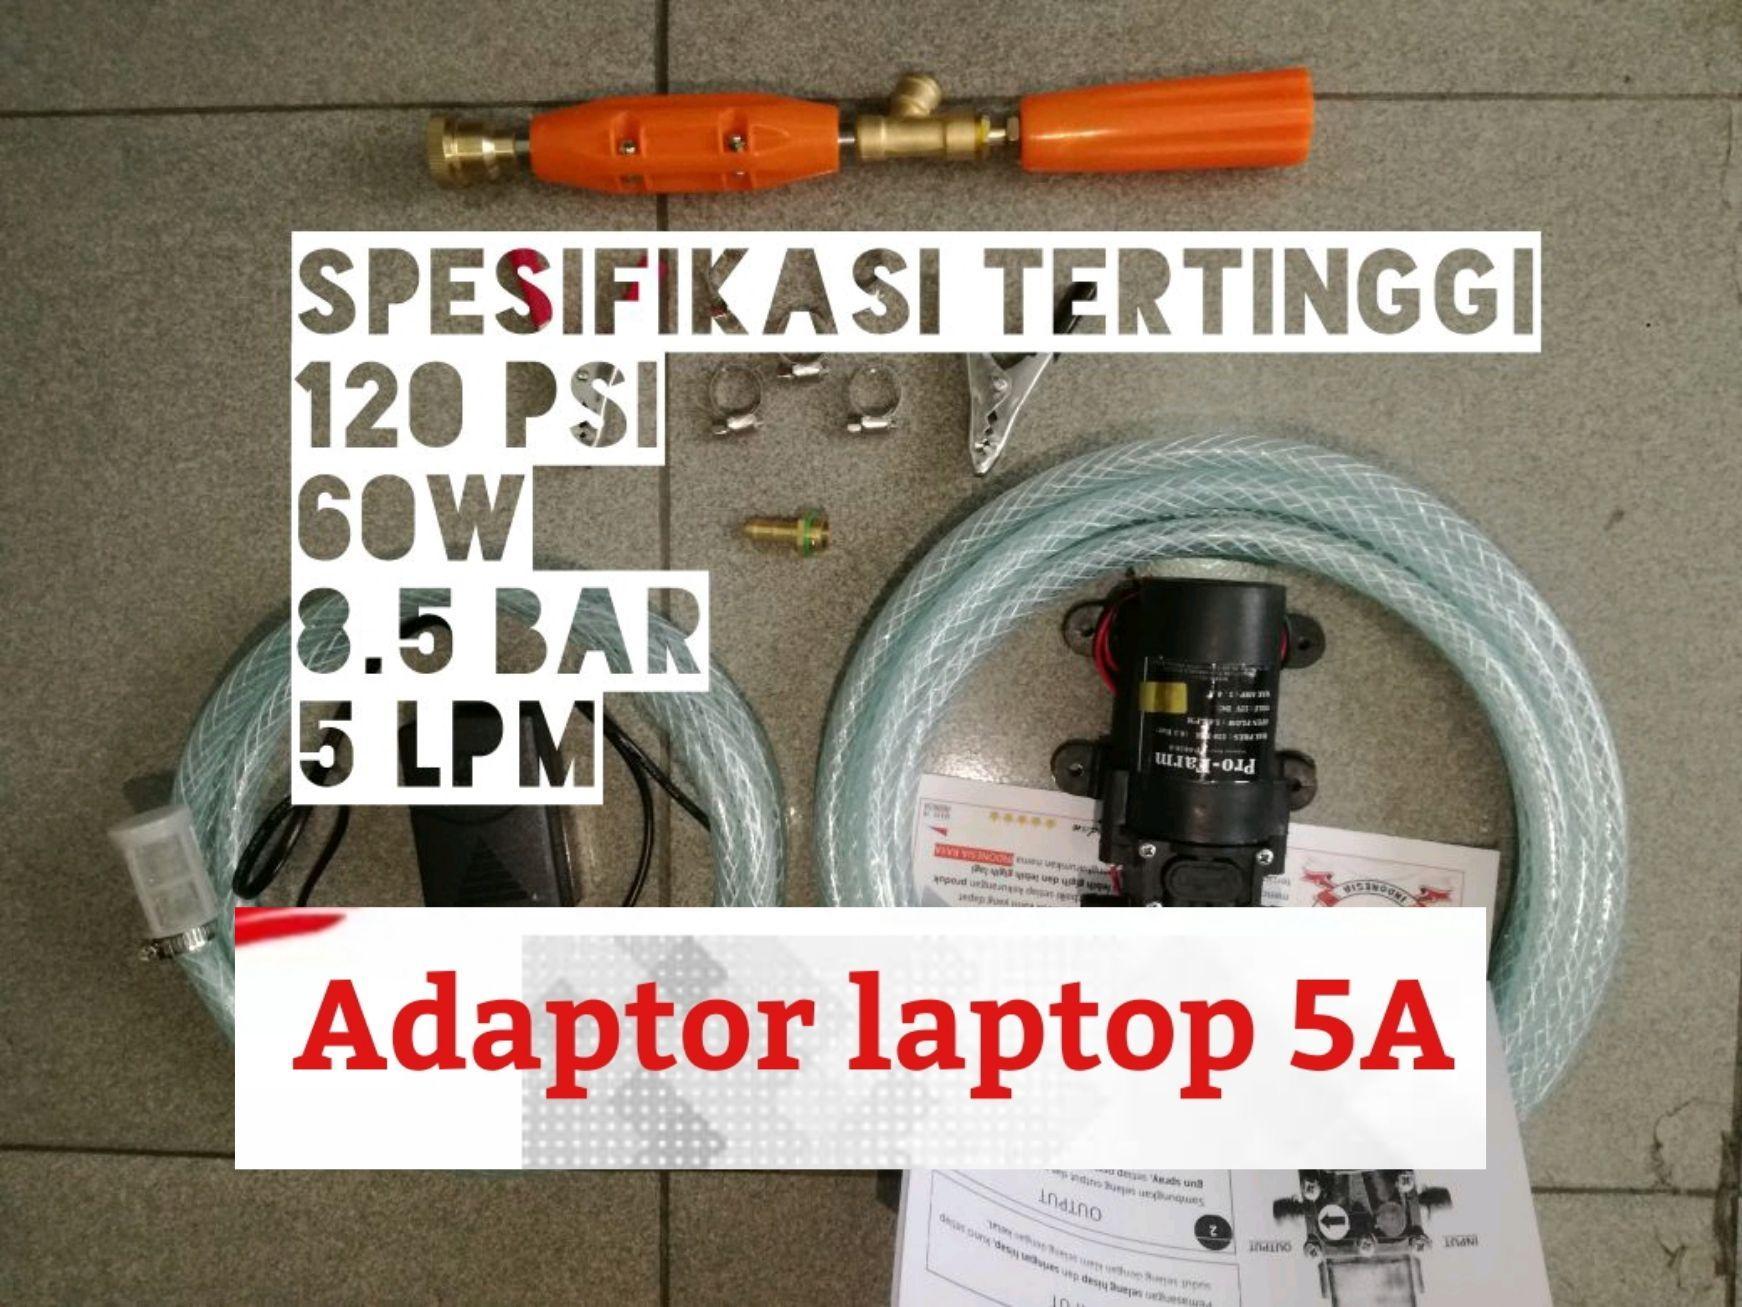 Adaptor Laptop 5A & Mesin Terbaru 120 psi 8.5 bar 60W Power MAX Alat Cuci Motor Kualitas Dijamin Memuaskan Steam Jet Cleaner PUMP AC/DC